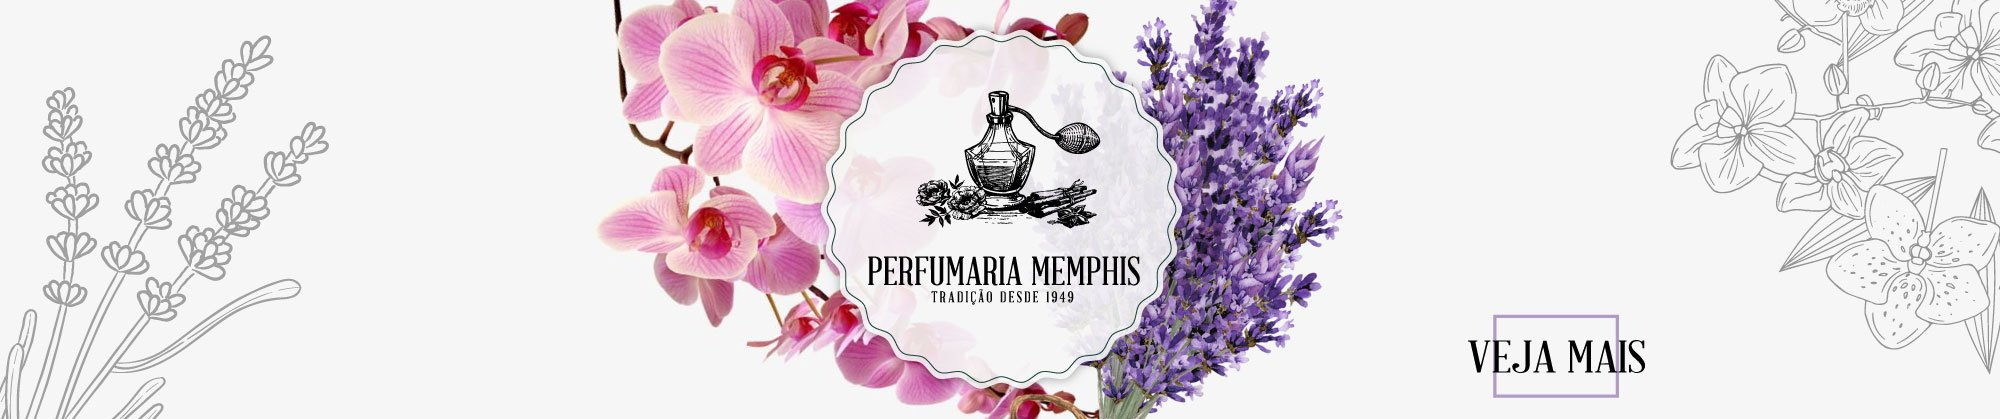 Perfumaria Memphis